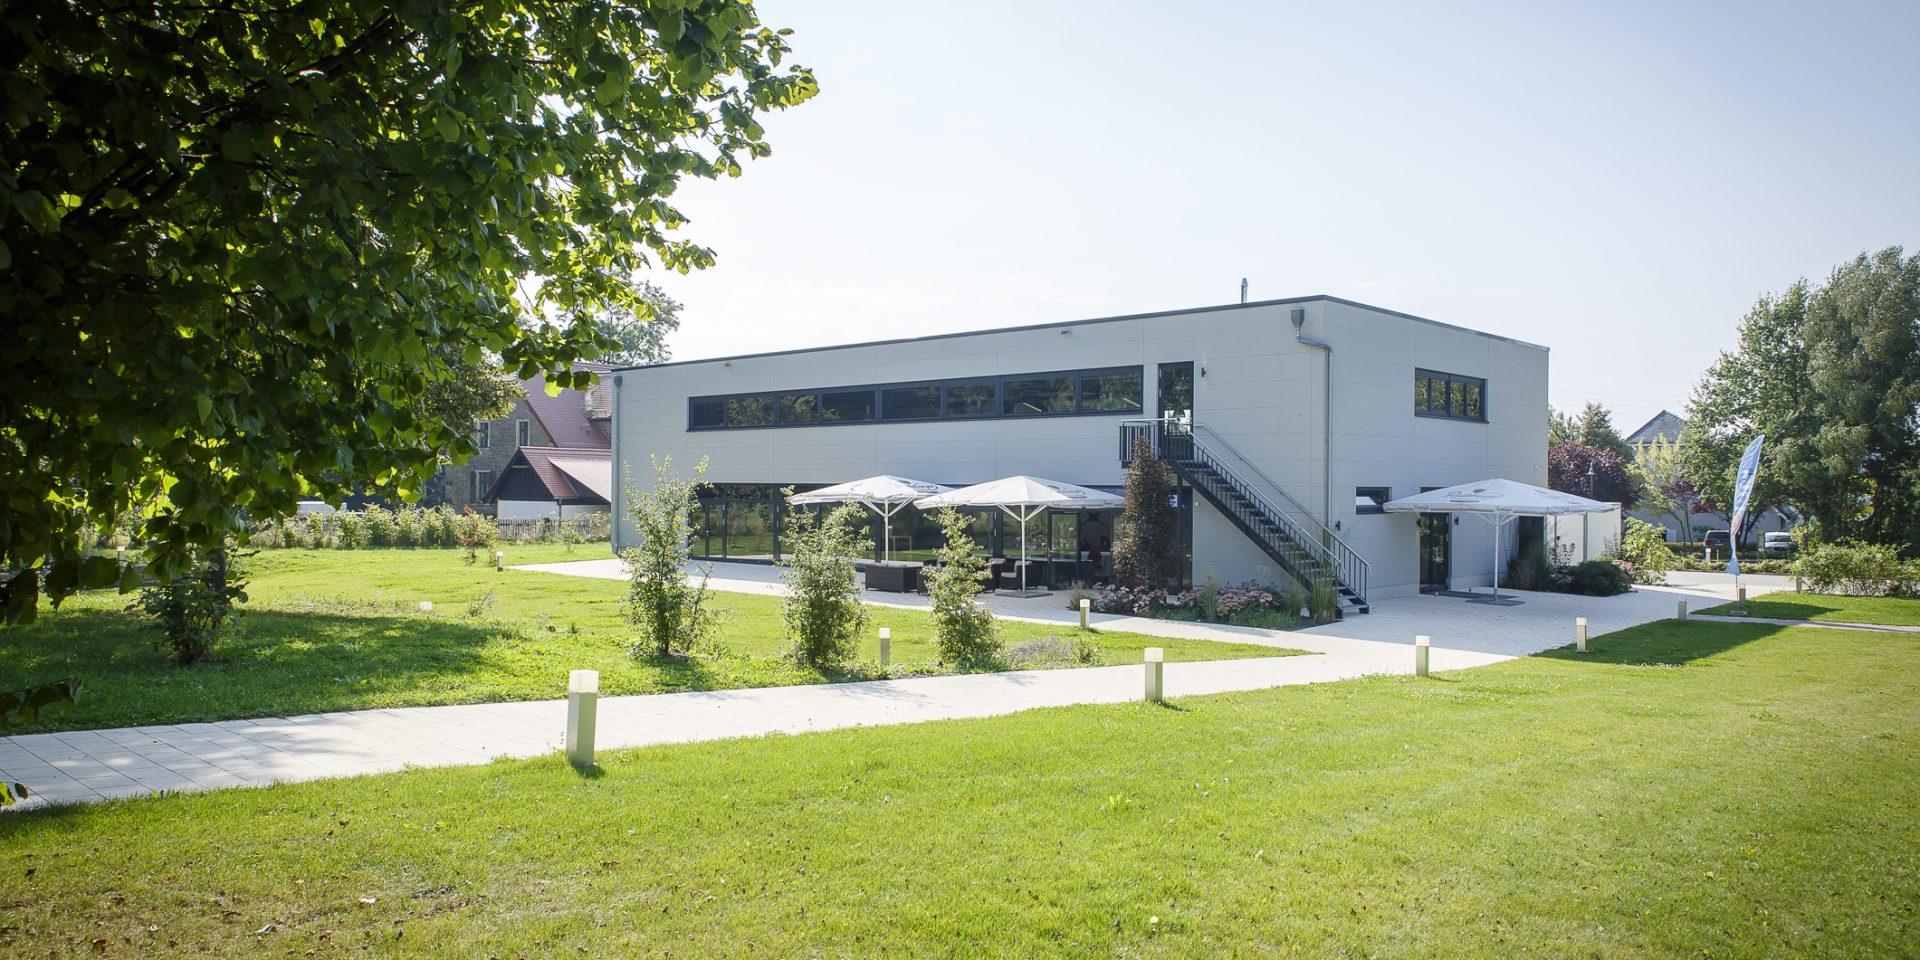 Bogen-Event-Halle mit Grünanlage